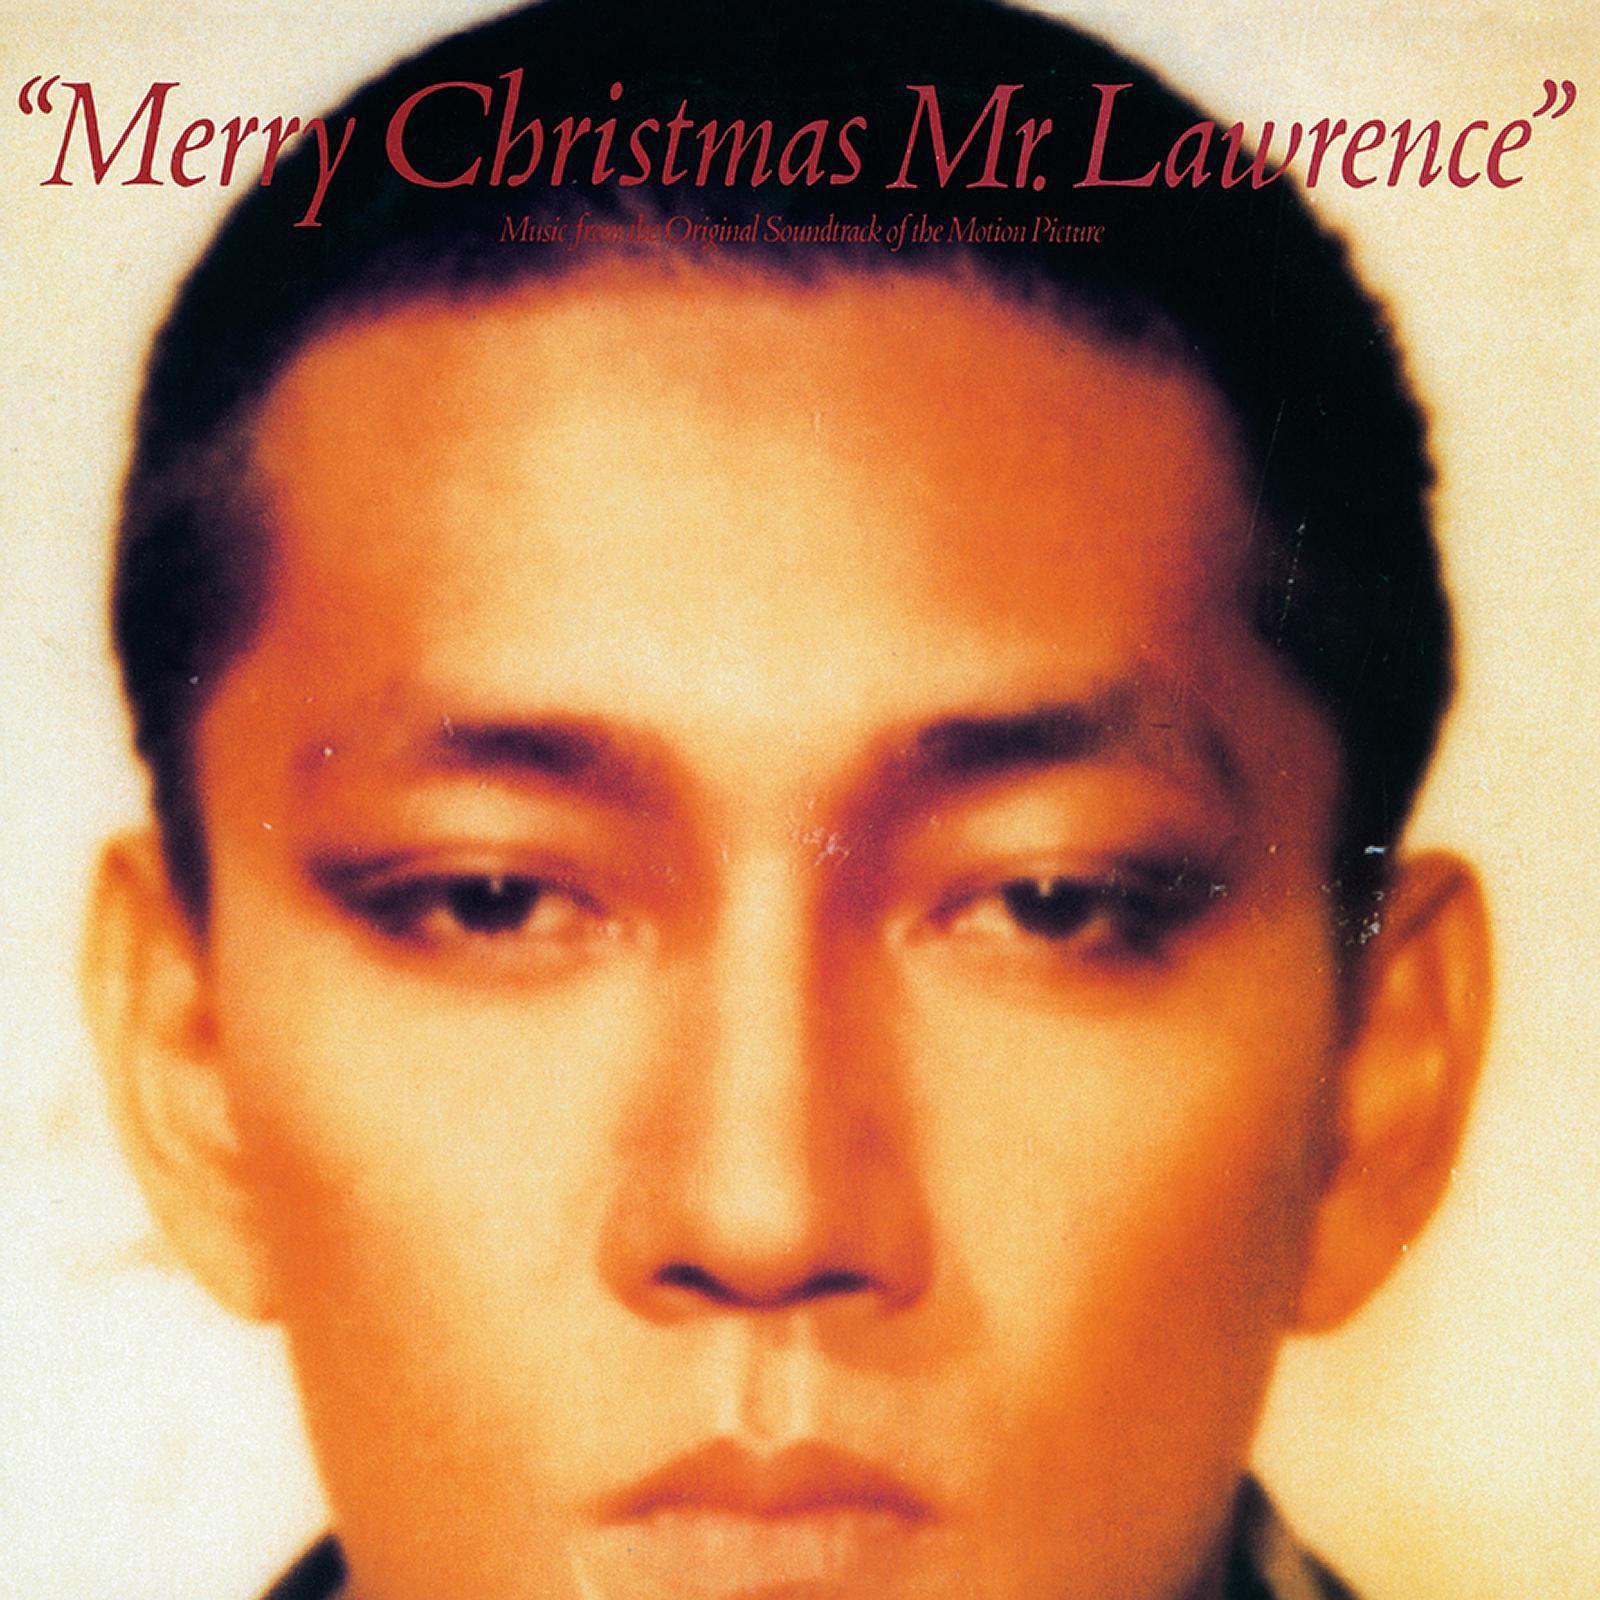 坂本龍一 (Ryuichi Sakamoto) – Merry Christmas Mr. Lawrence (30th Anniversary Edition – 2013) [24bit Lossless + MP3 320 / WEB] [1983.05.01]